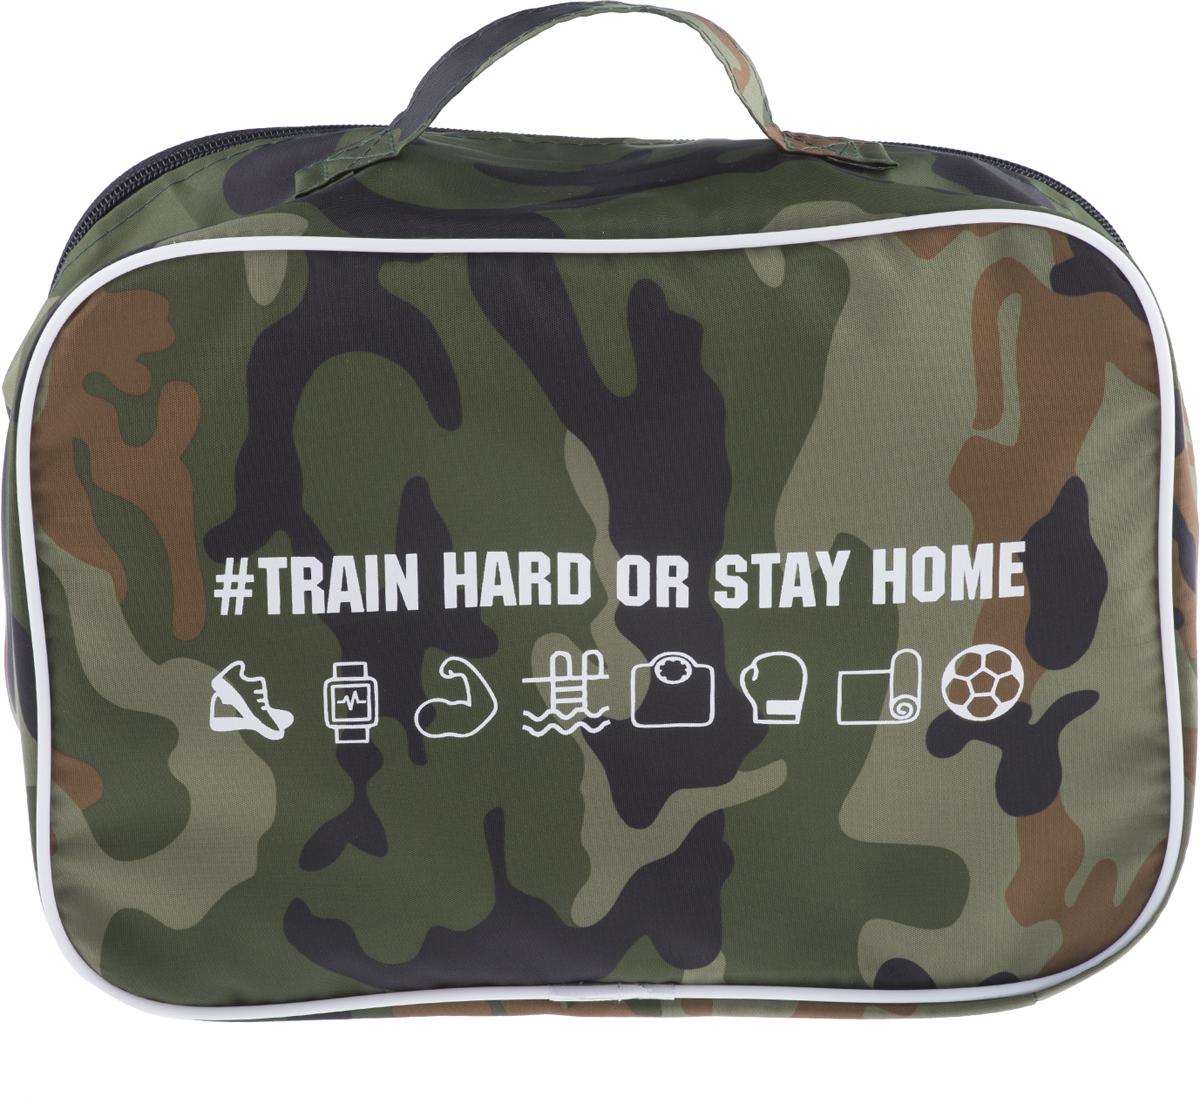 Органайзер для спорта Homsu Train Hard, цвет: хакиHOM-960Следите за фигурой и здоровьем? А может собираетесь начать и наконец записаться в фитнес клуб? В органайзер Train Hard отлично вместятся принадлежности для душа, крема, и другие необходимые вещи.